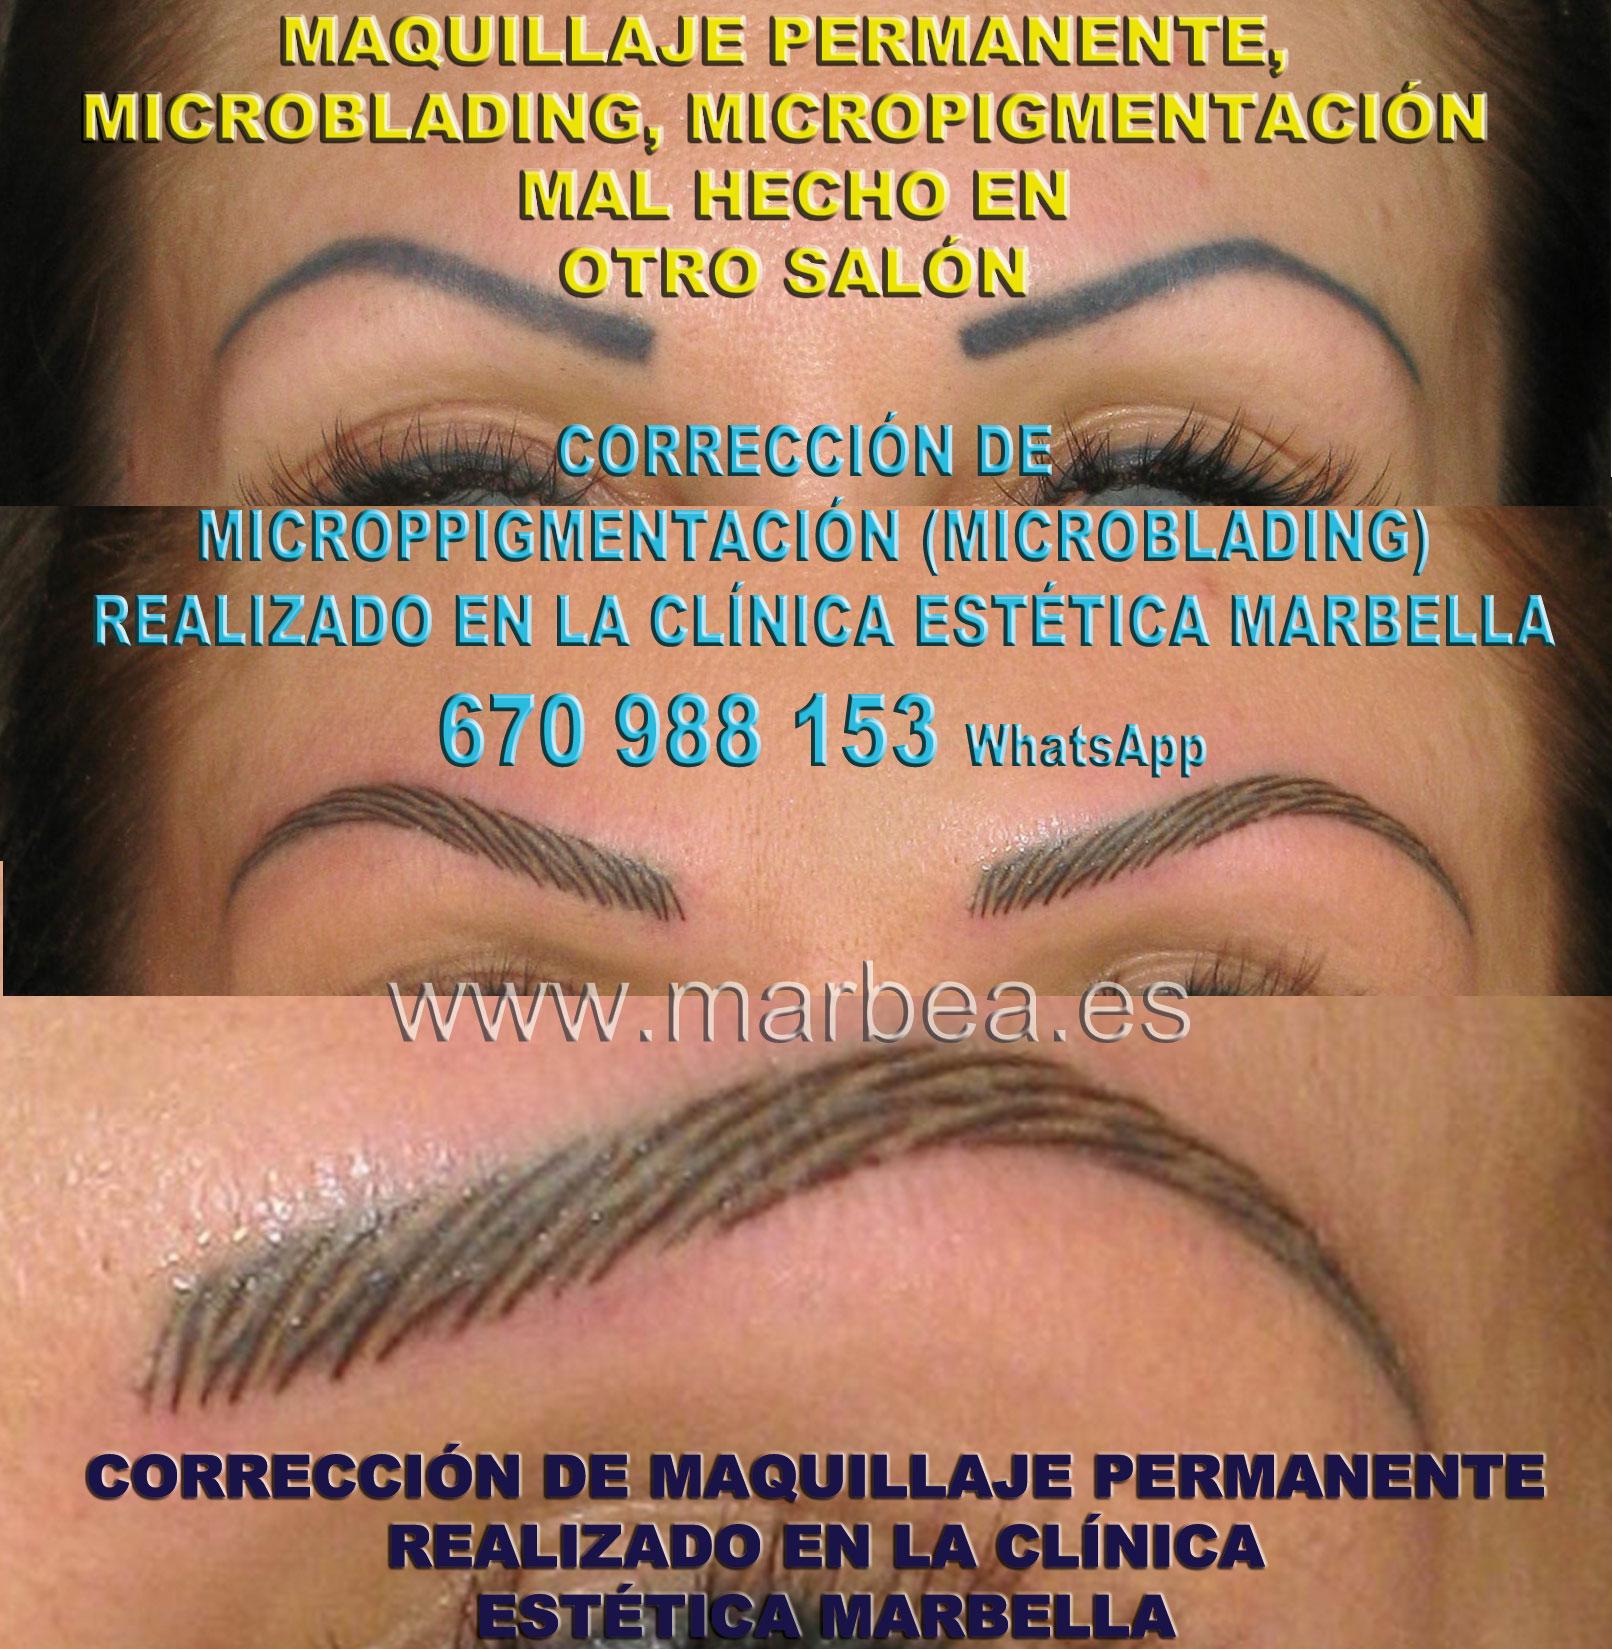 ELIMINAR TATUAJE CEJAS clínica estética micropigmentación entrega como aclarar la micropigmentación cejas,corregir micropigmentación mal hecha